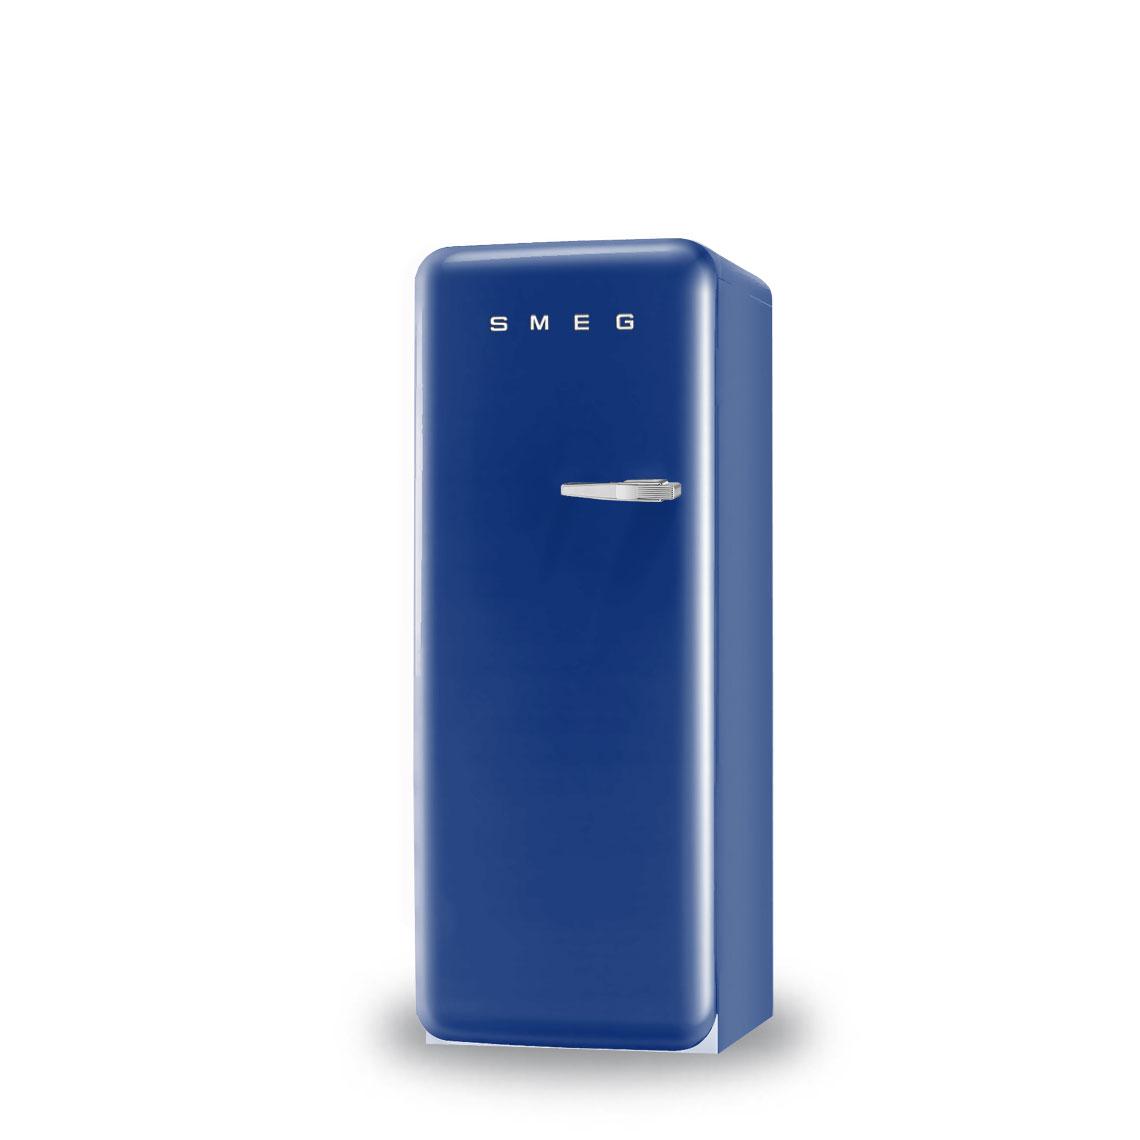 smeg fab28 left hinged refrigeration. Black Bedroom Furniture Sets. Home Design Ideas